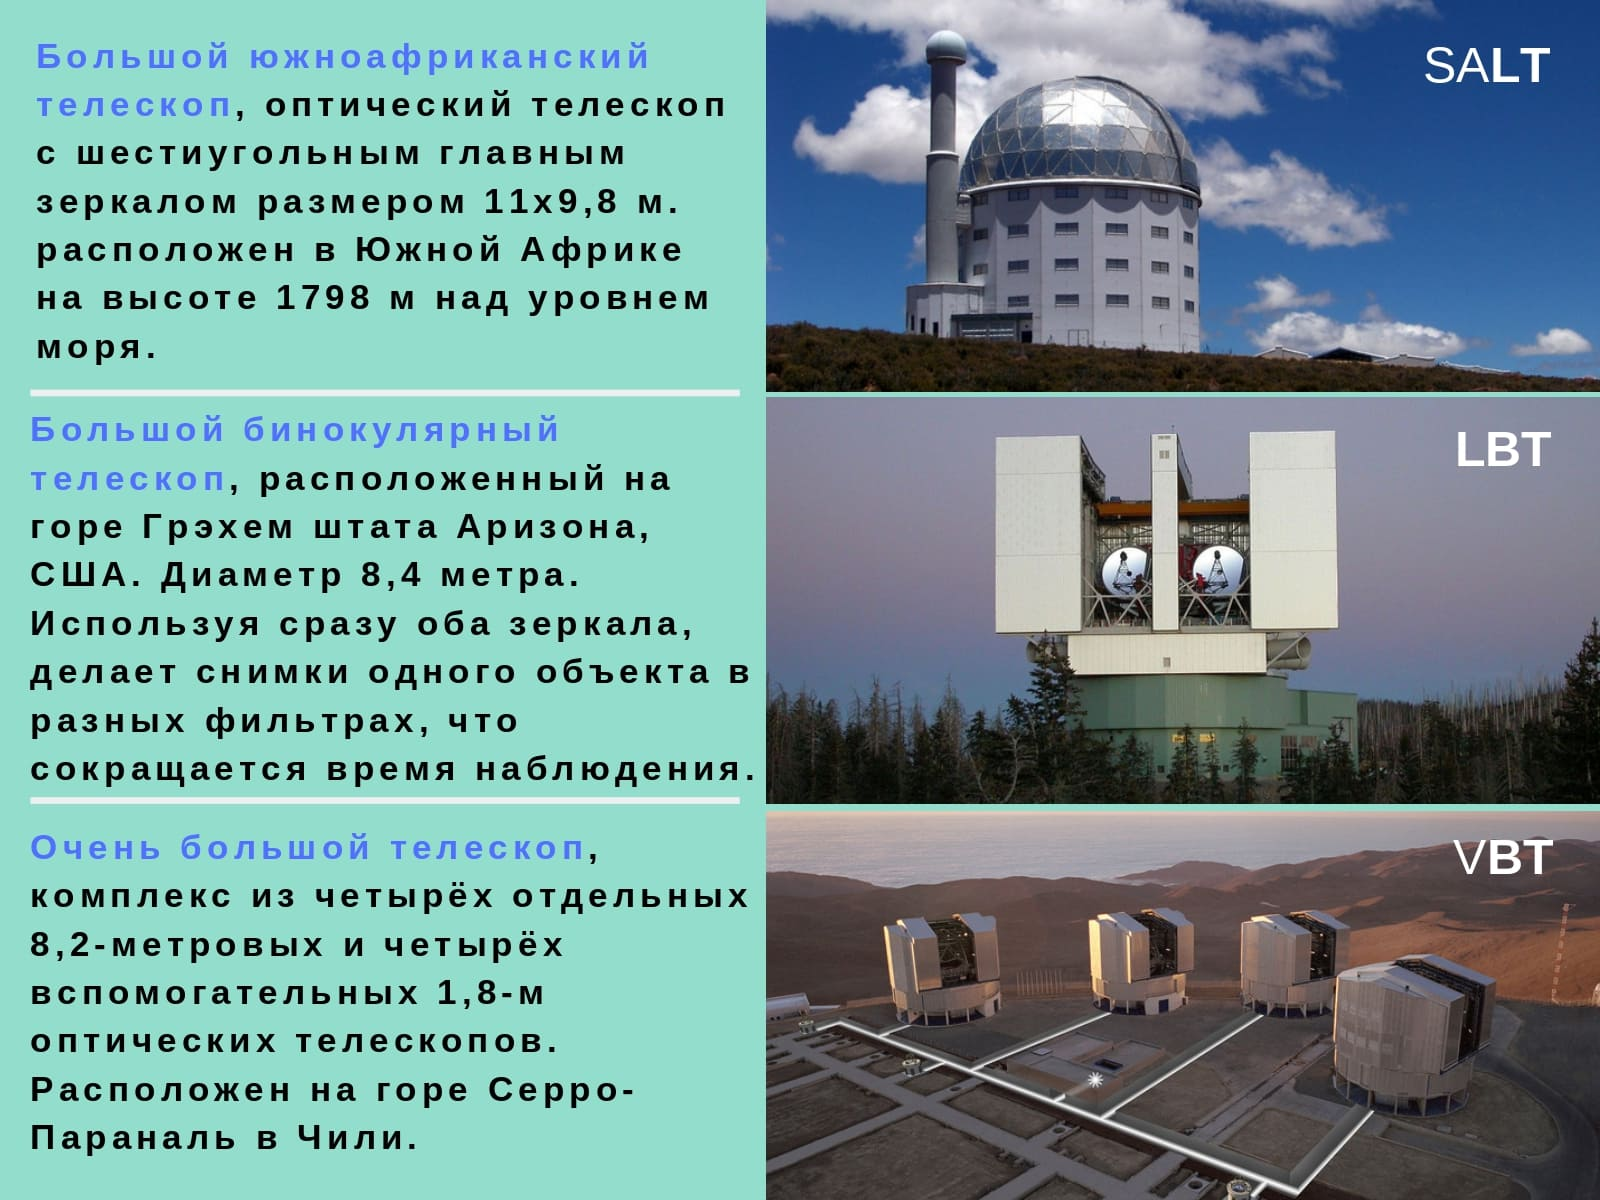 Телескоп SALT / LBT / VBT